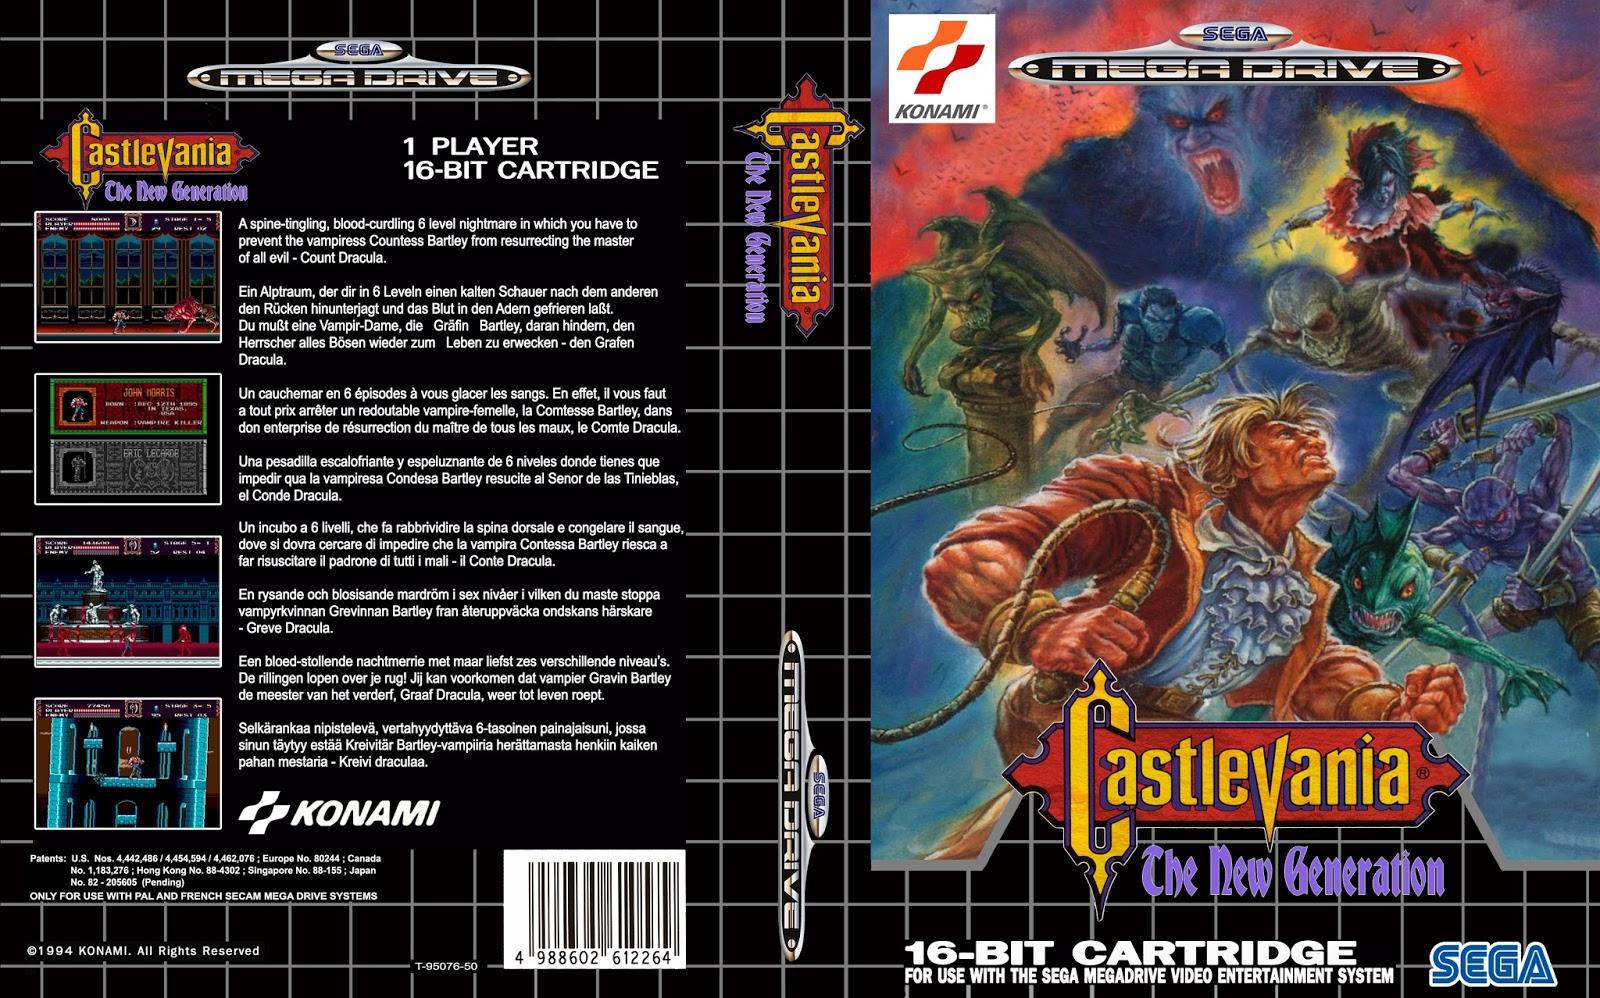 Juegos Antiguos Para Pc Gratis Castlevania The New Generation